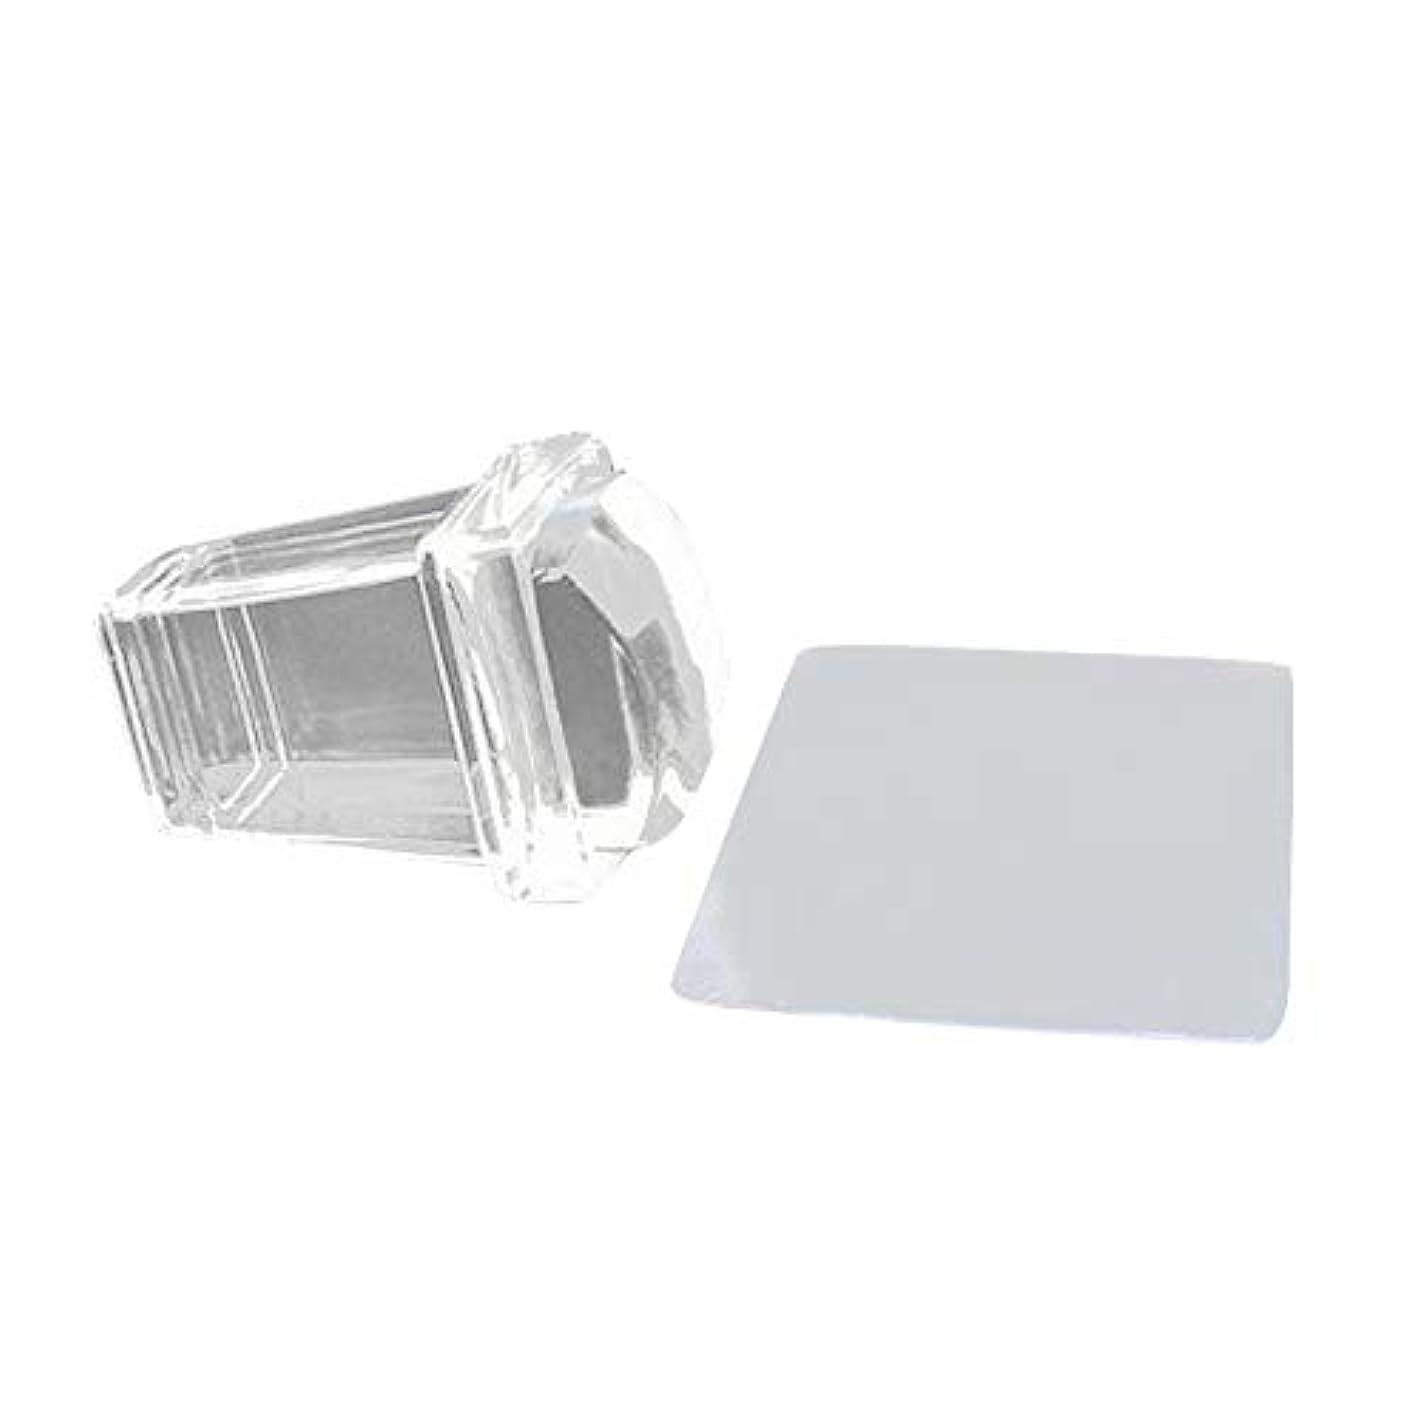 スカイ乱気流落ち着いてGaoominy 新しい純粋で透明なゼリーシリコンのネイルアートスタンパーとスクレーパーのセット、透明ポリッシュ印刷ネイルのスタンピングツール、ネイルのツール、マニキュア